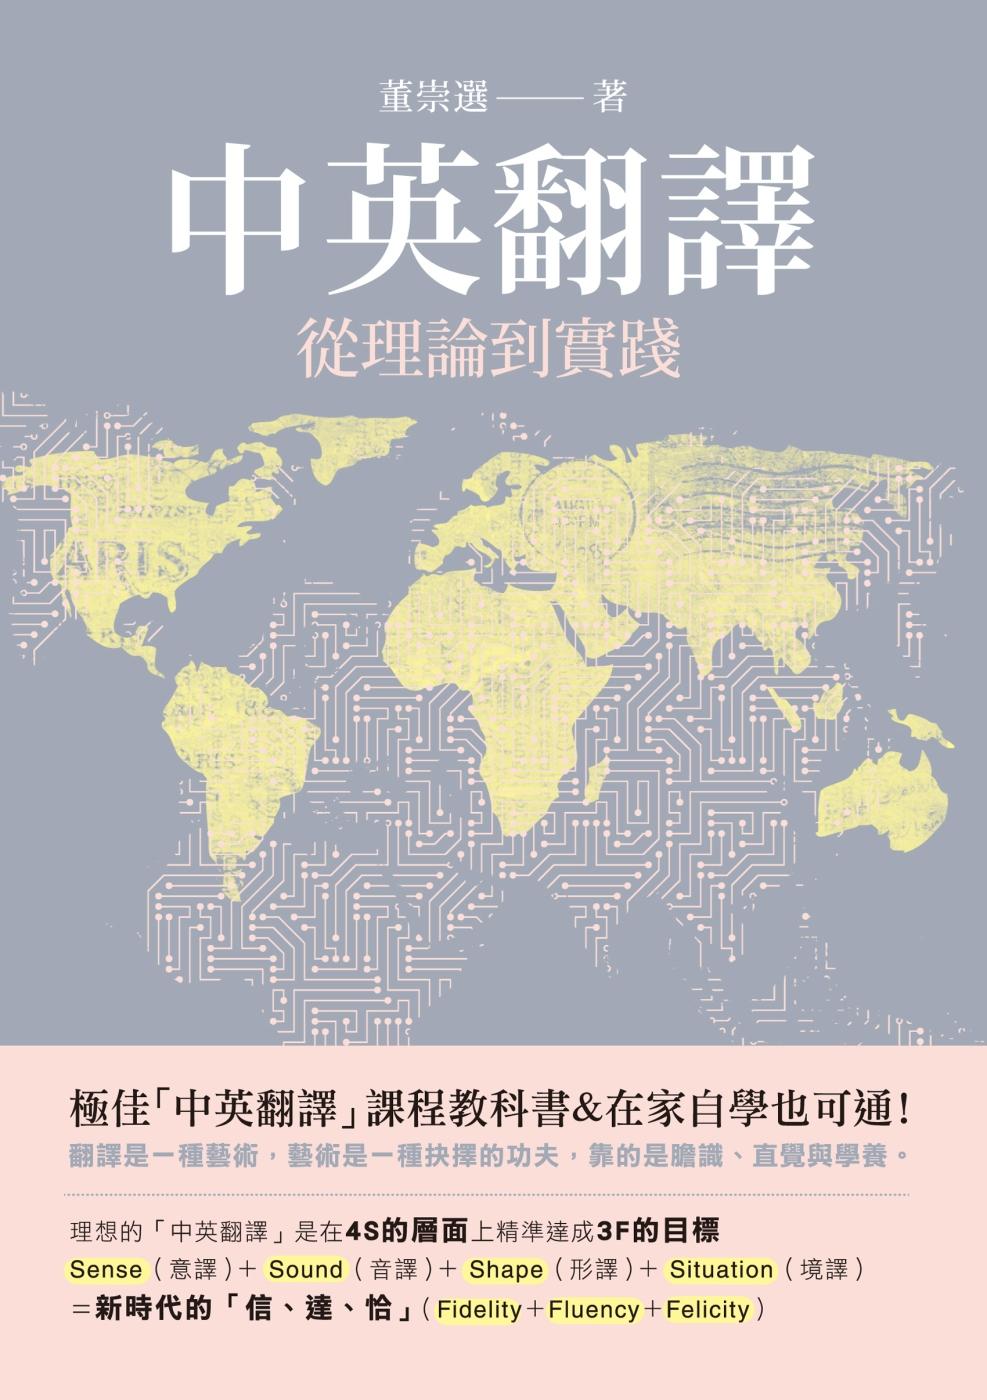 中英翻譯:從理論到實踐